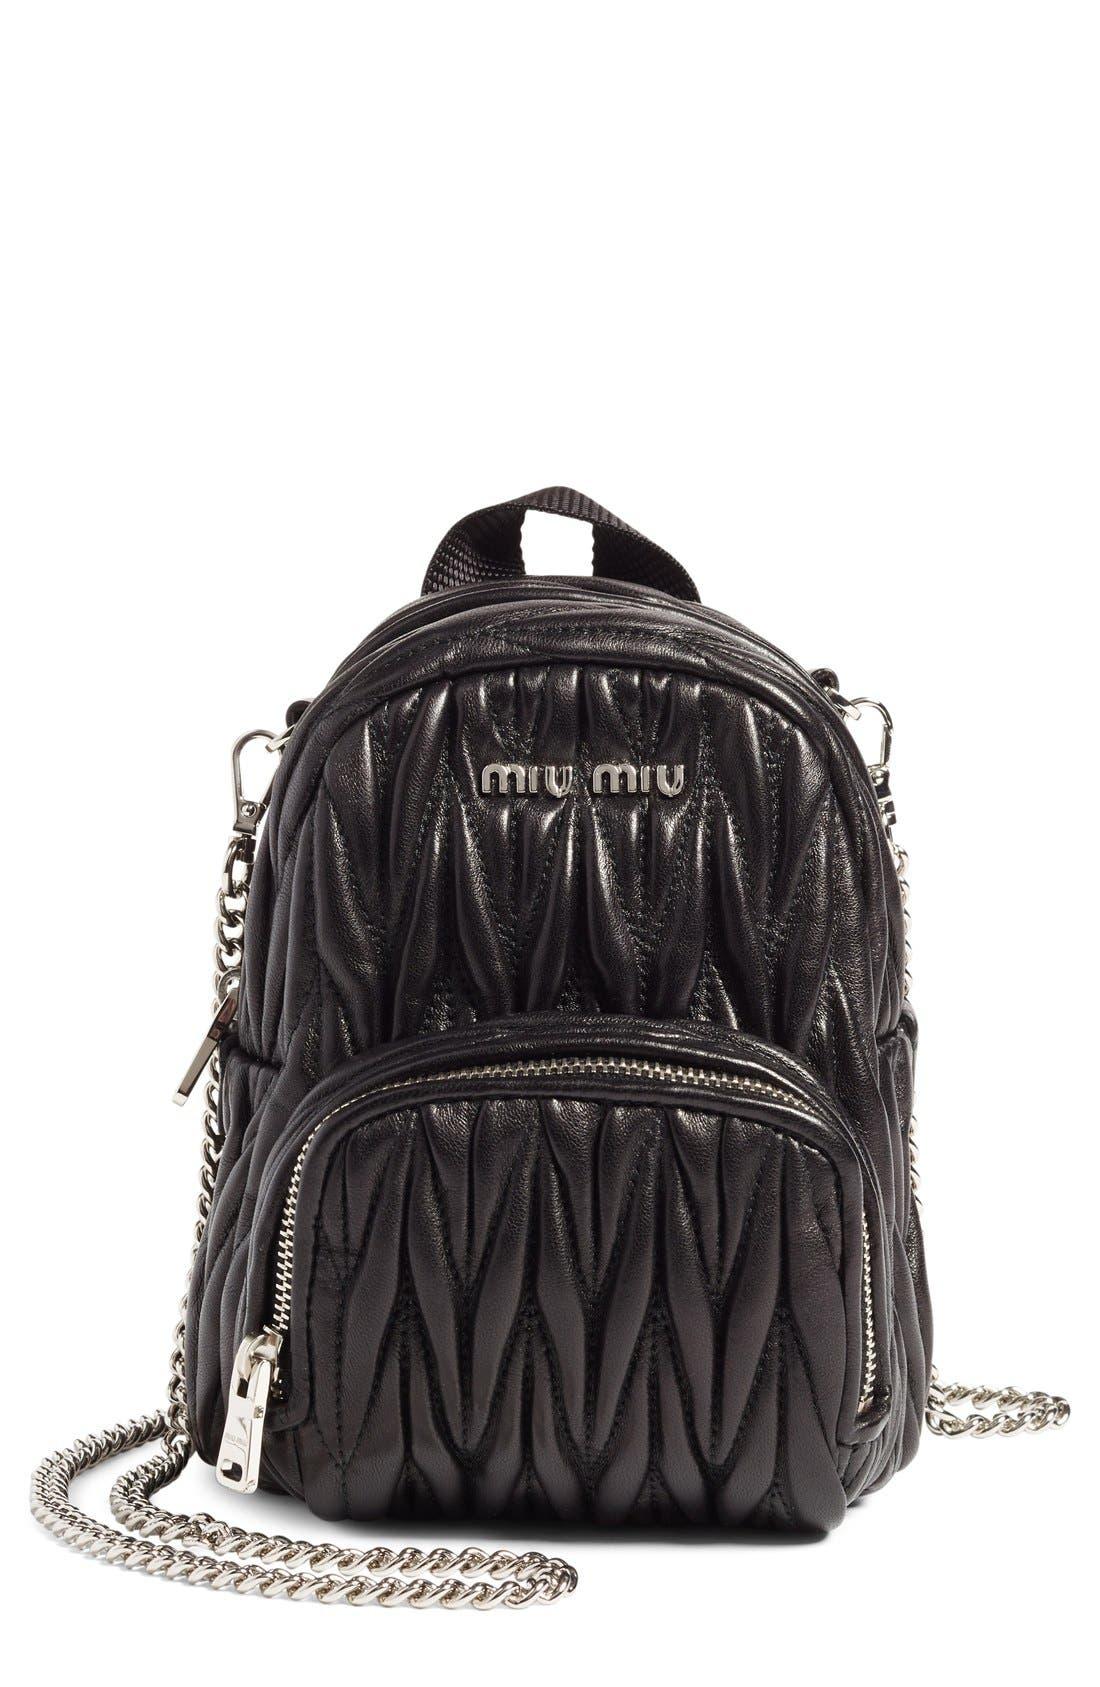 Alternate Image 1 Selected - Miu Miu Micro Matelassé Leather Backpack